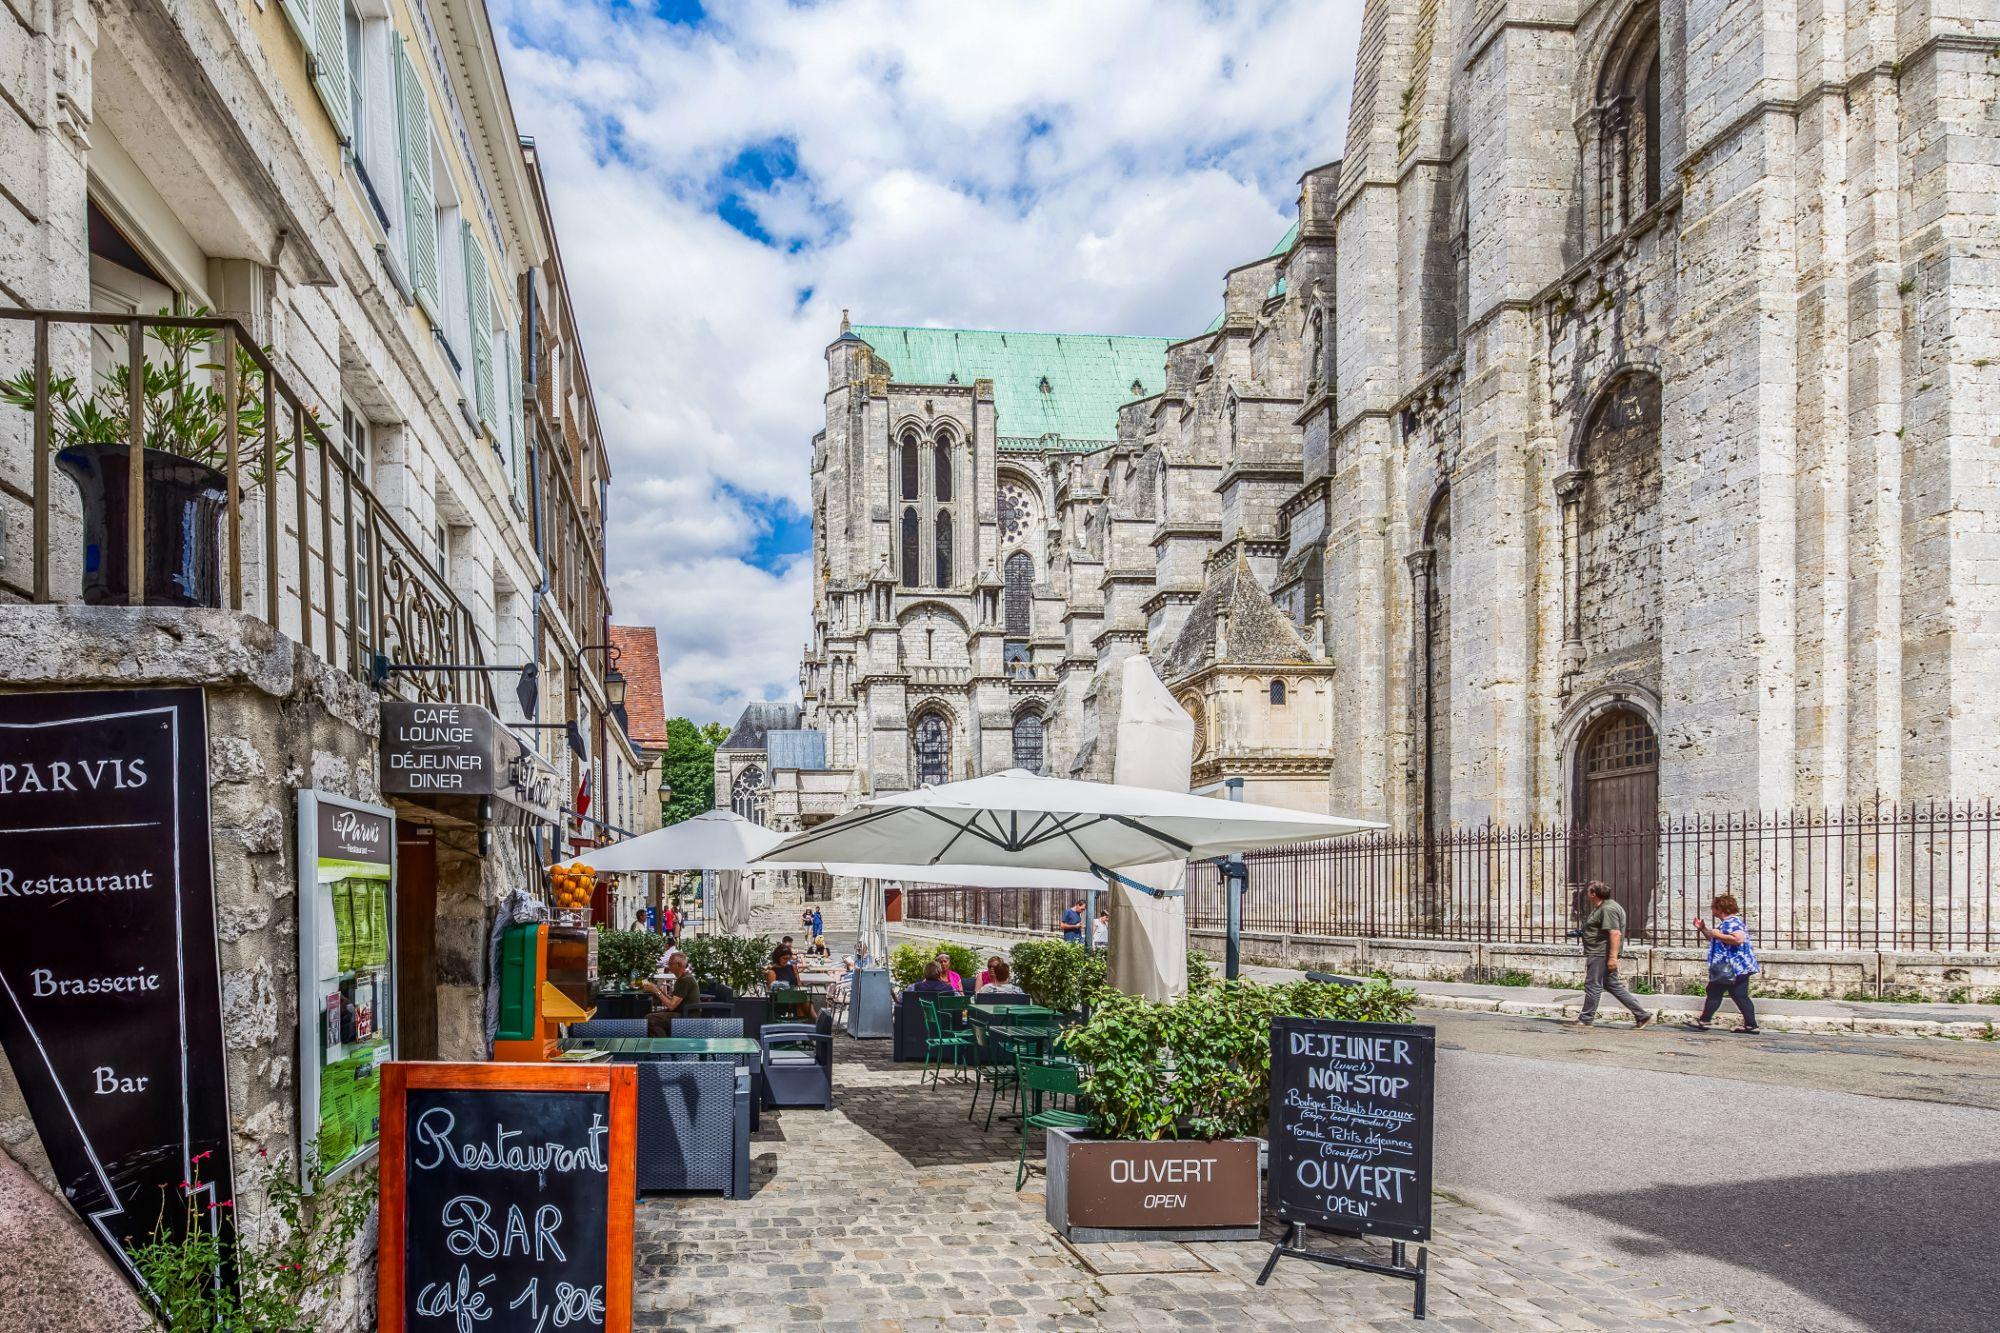 Le Parvis - le-parvis-cathedrale-chartres 2018 - Copyright Le Parvis